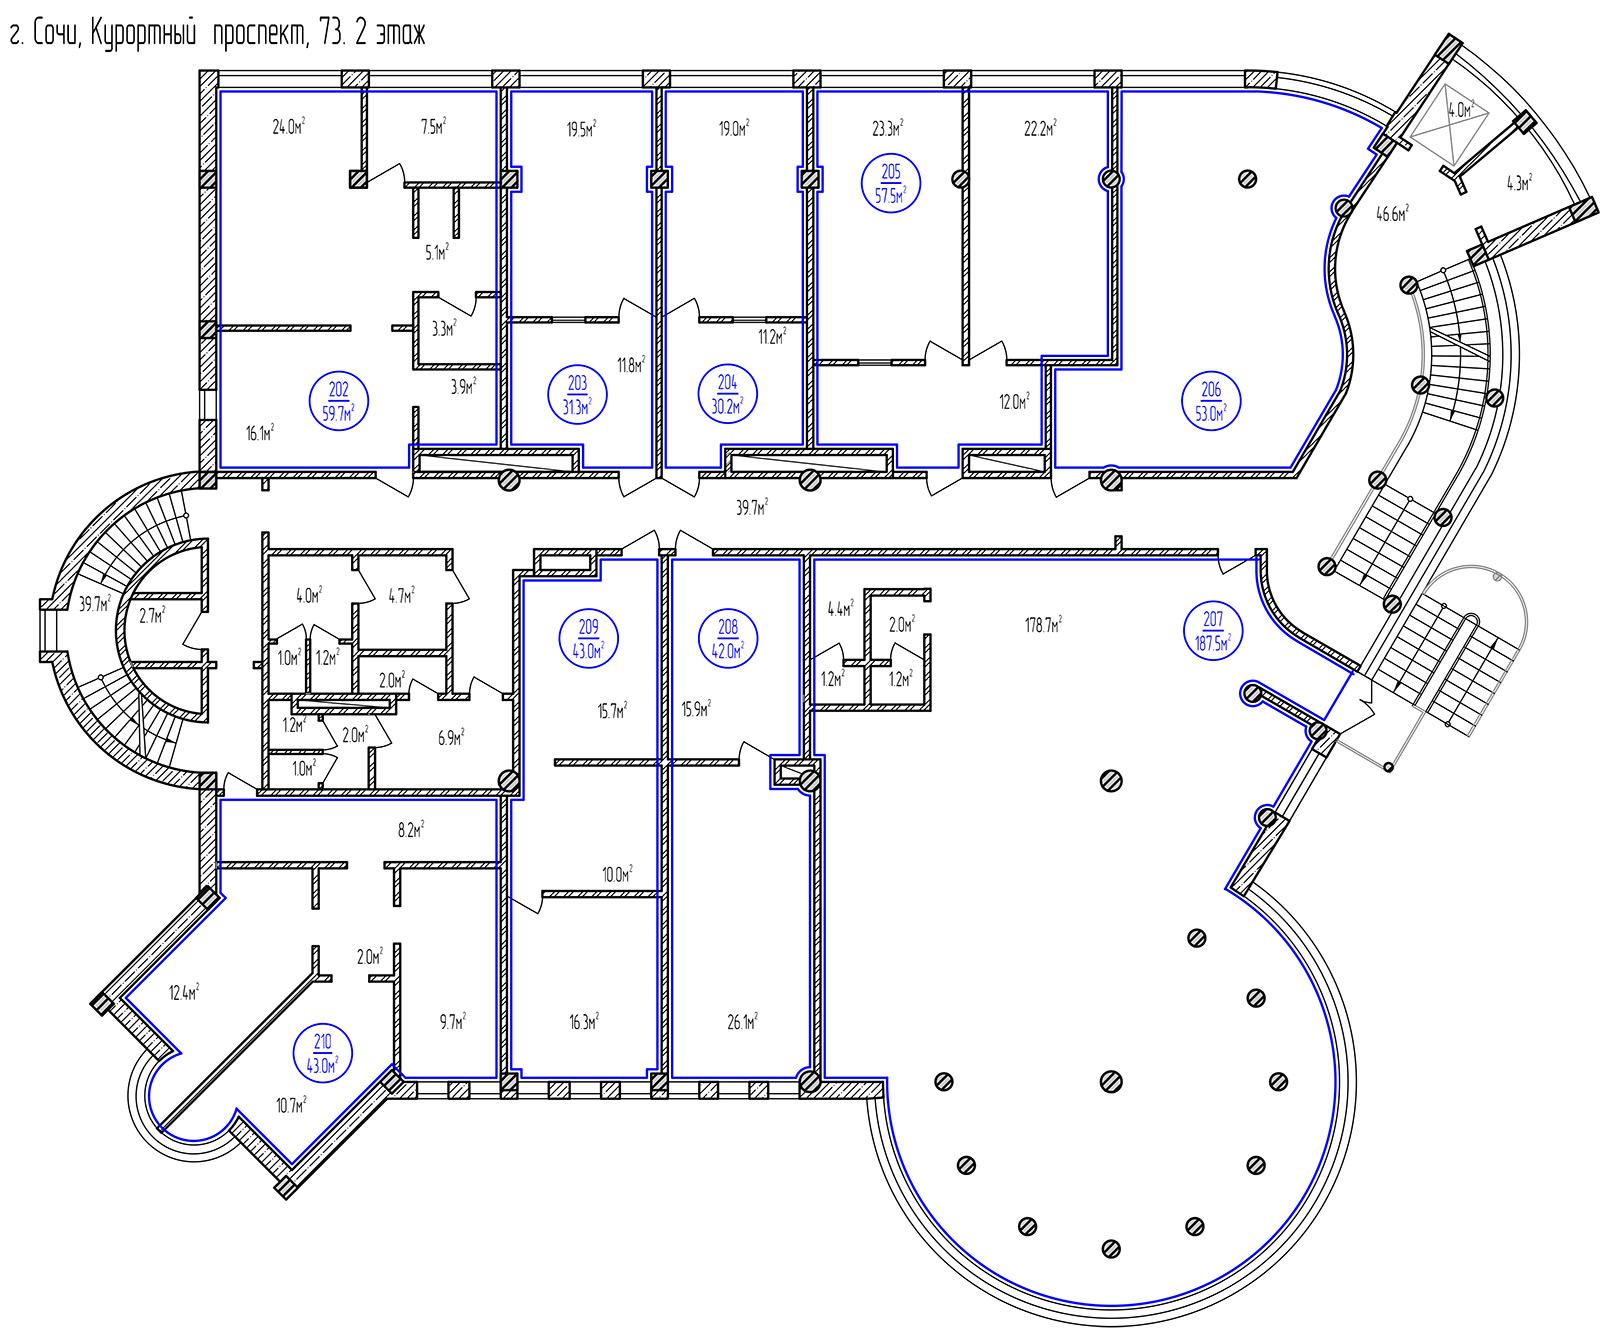 Планировка: этаж 2